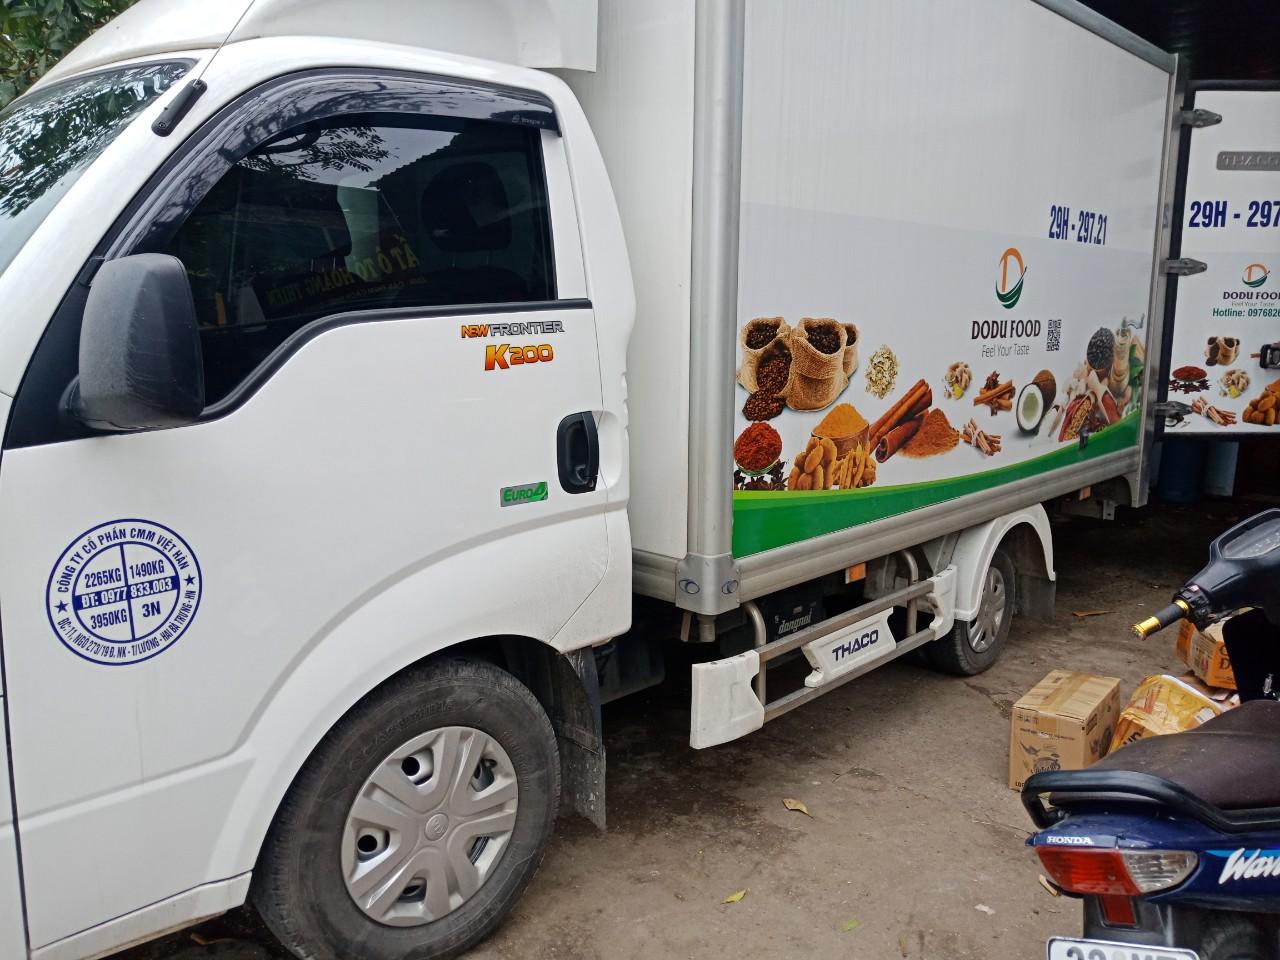 Cho thuê xe đông lạnh chở đồ ăn, thực phẩm tươi sống tại Hà Nội